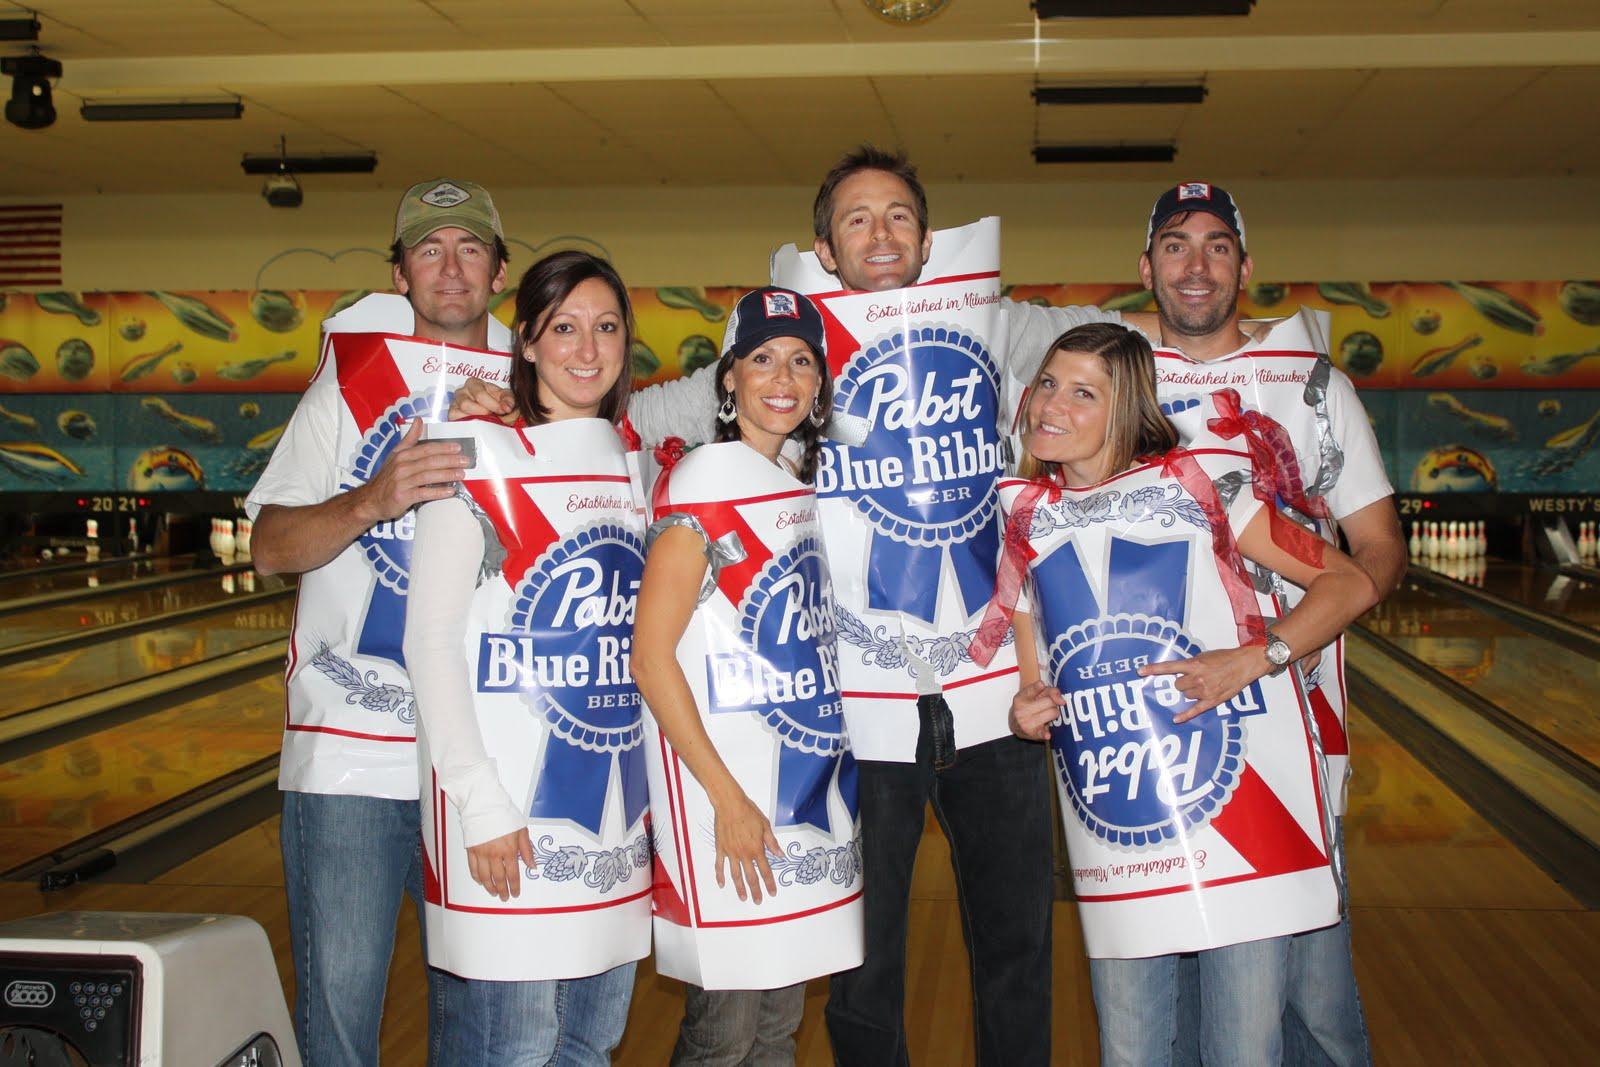 Mogensen Family: Beer Frame Bowling - Halloween Night